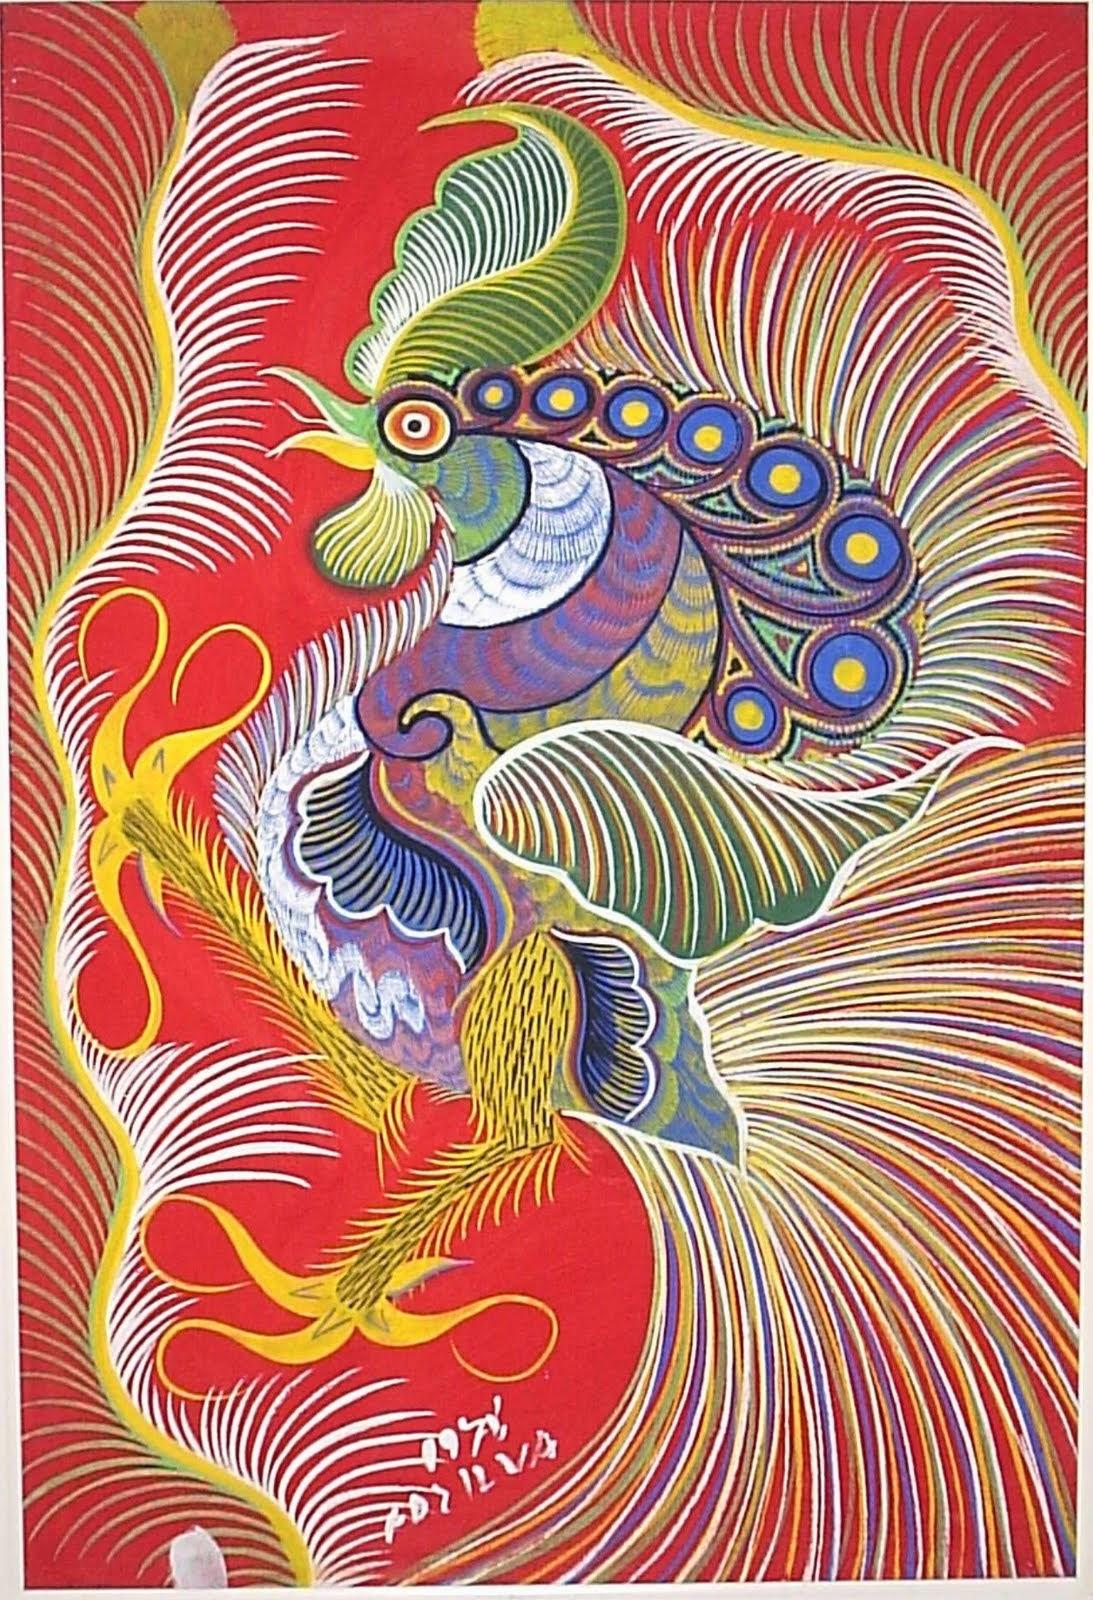 Galo - Chico da Silva e suas pinturas primitivista ~ Pintor brasileiro